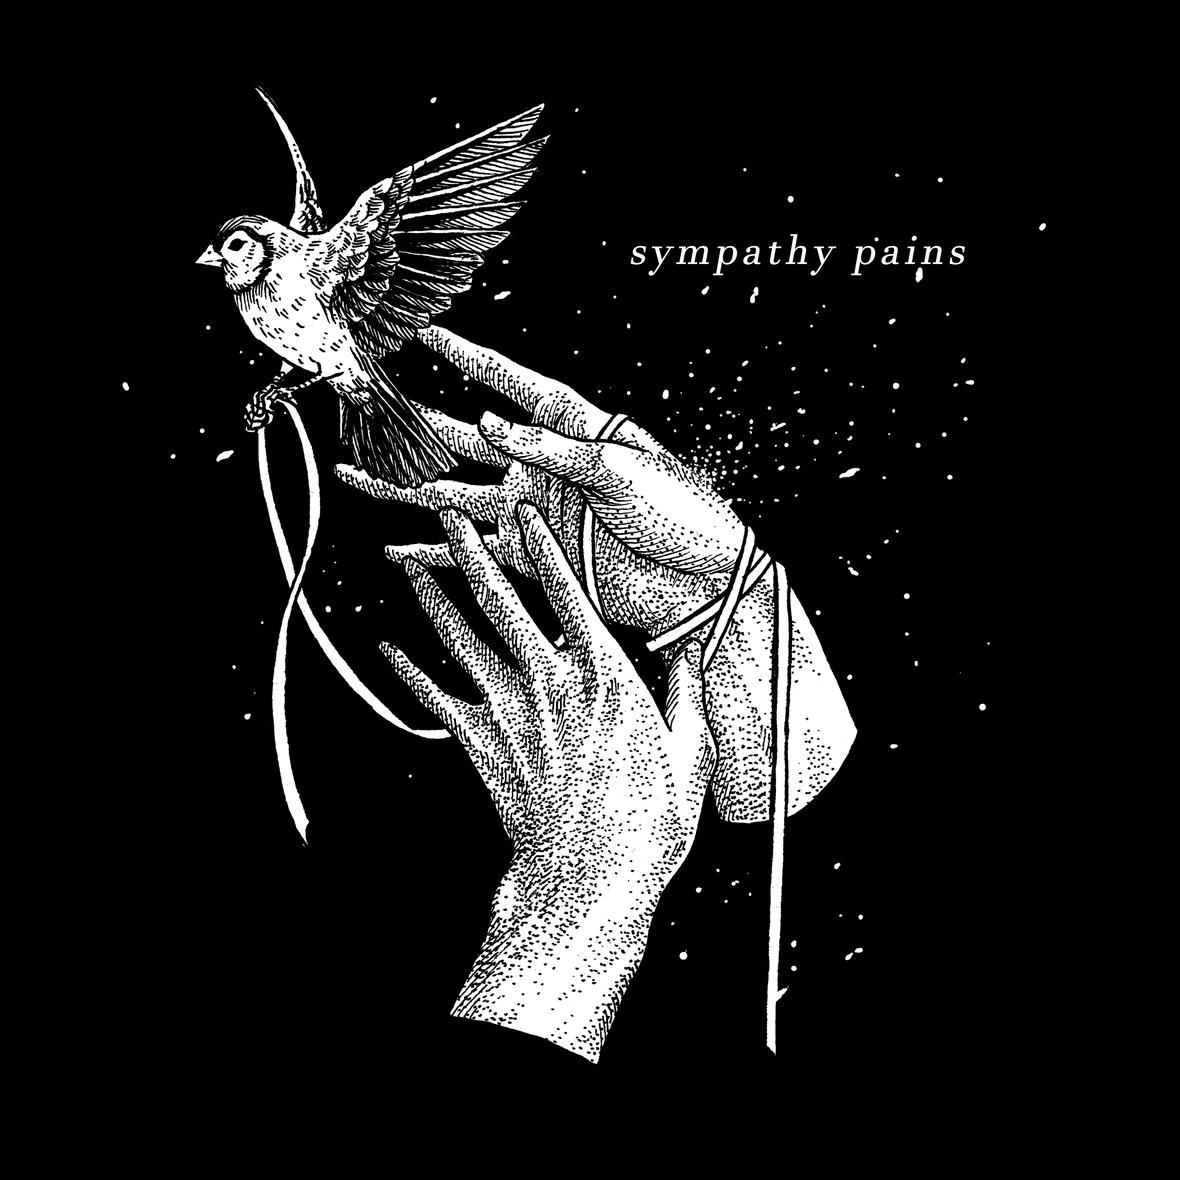 Sympathy Pains